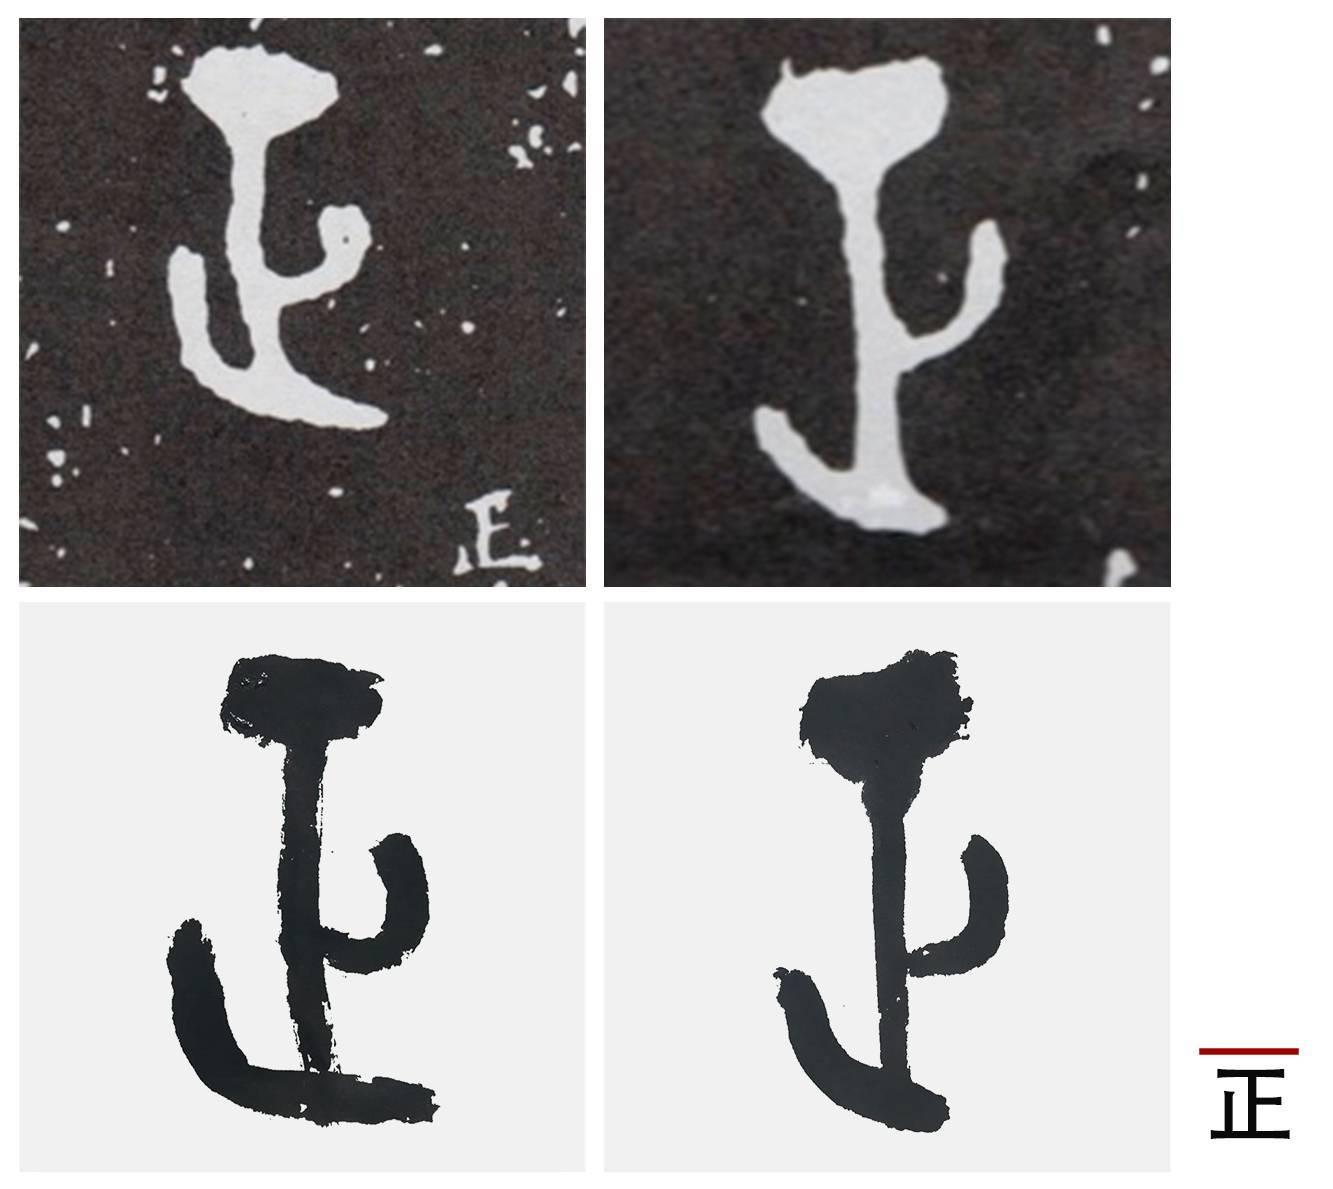 刘颜涛 墙盘 与 毛公鼎 简析 毛公鼎 中基本笔画的写法丨三品课堂